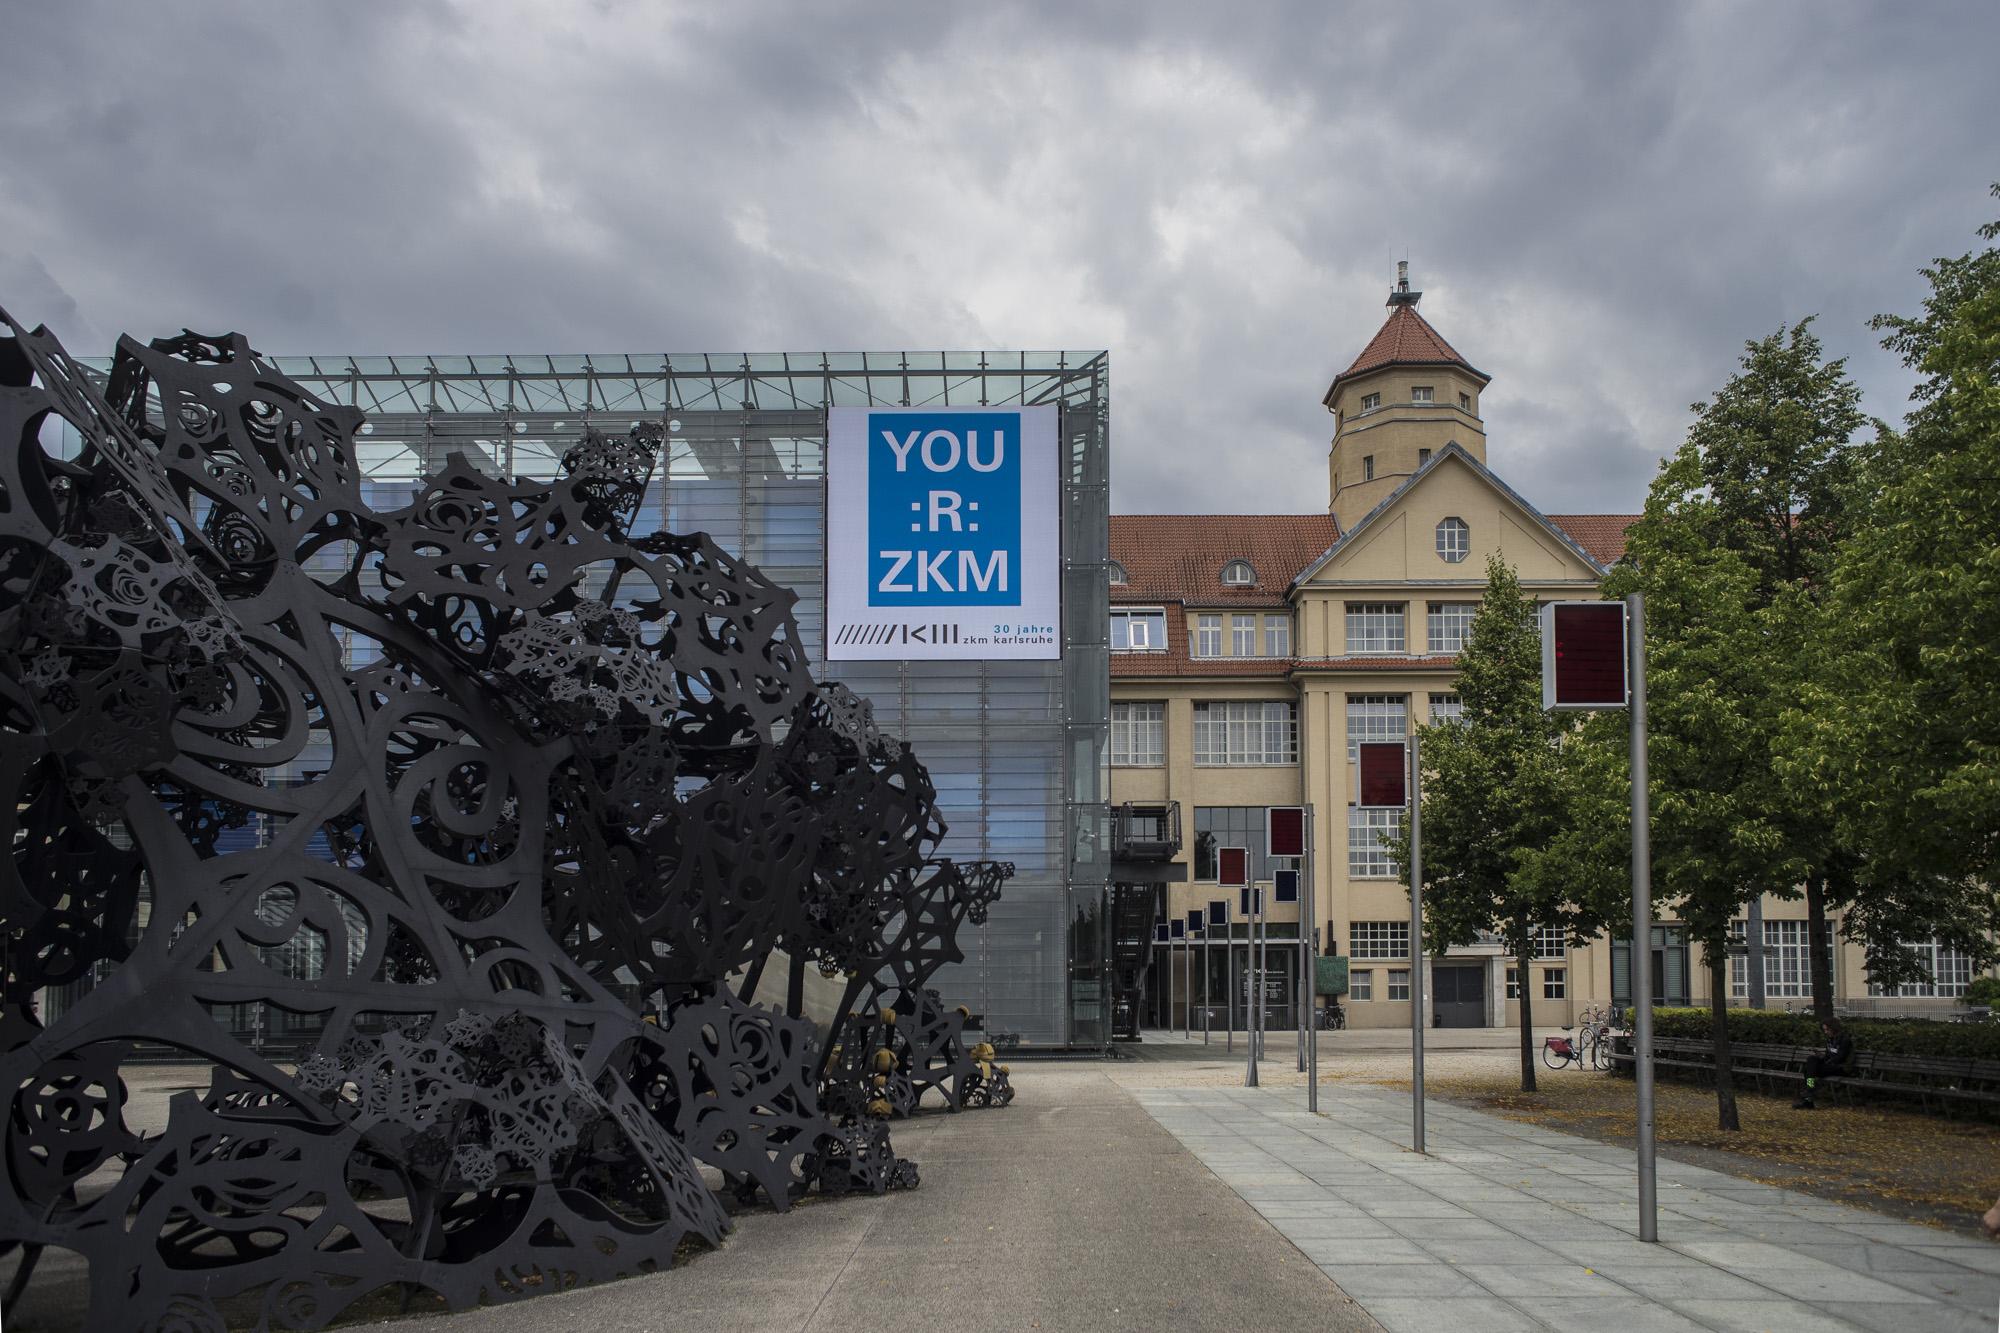 El ZKM, Centro de Arte y Medias en Karlsruhe, Alemania. Foto: Leonardo Antoniadis.